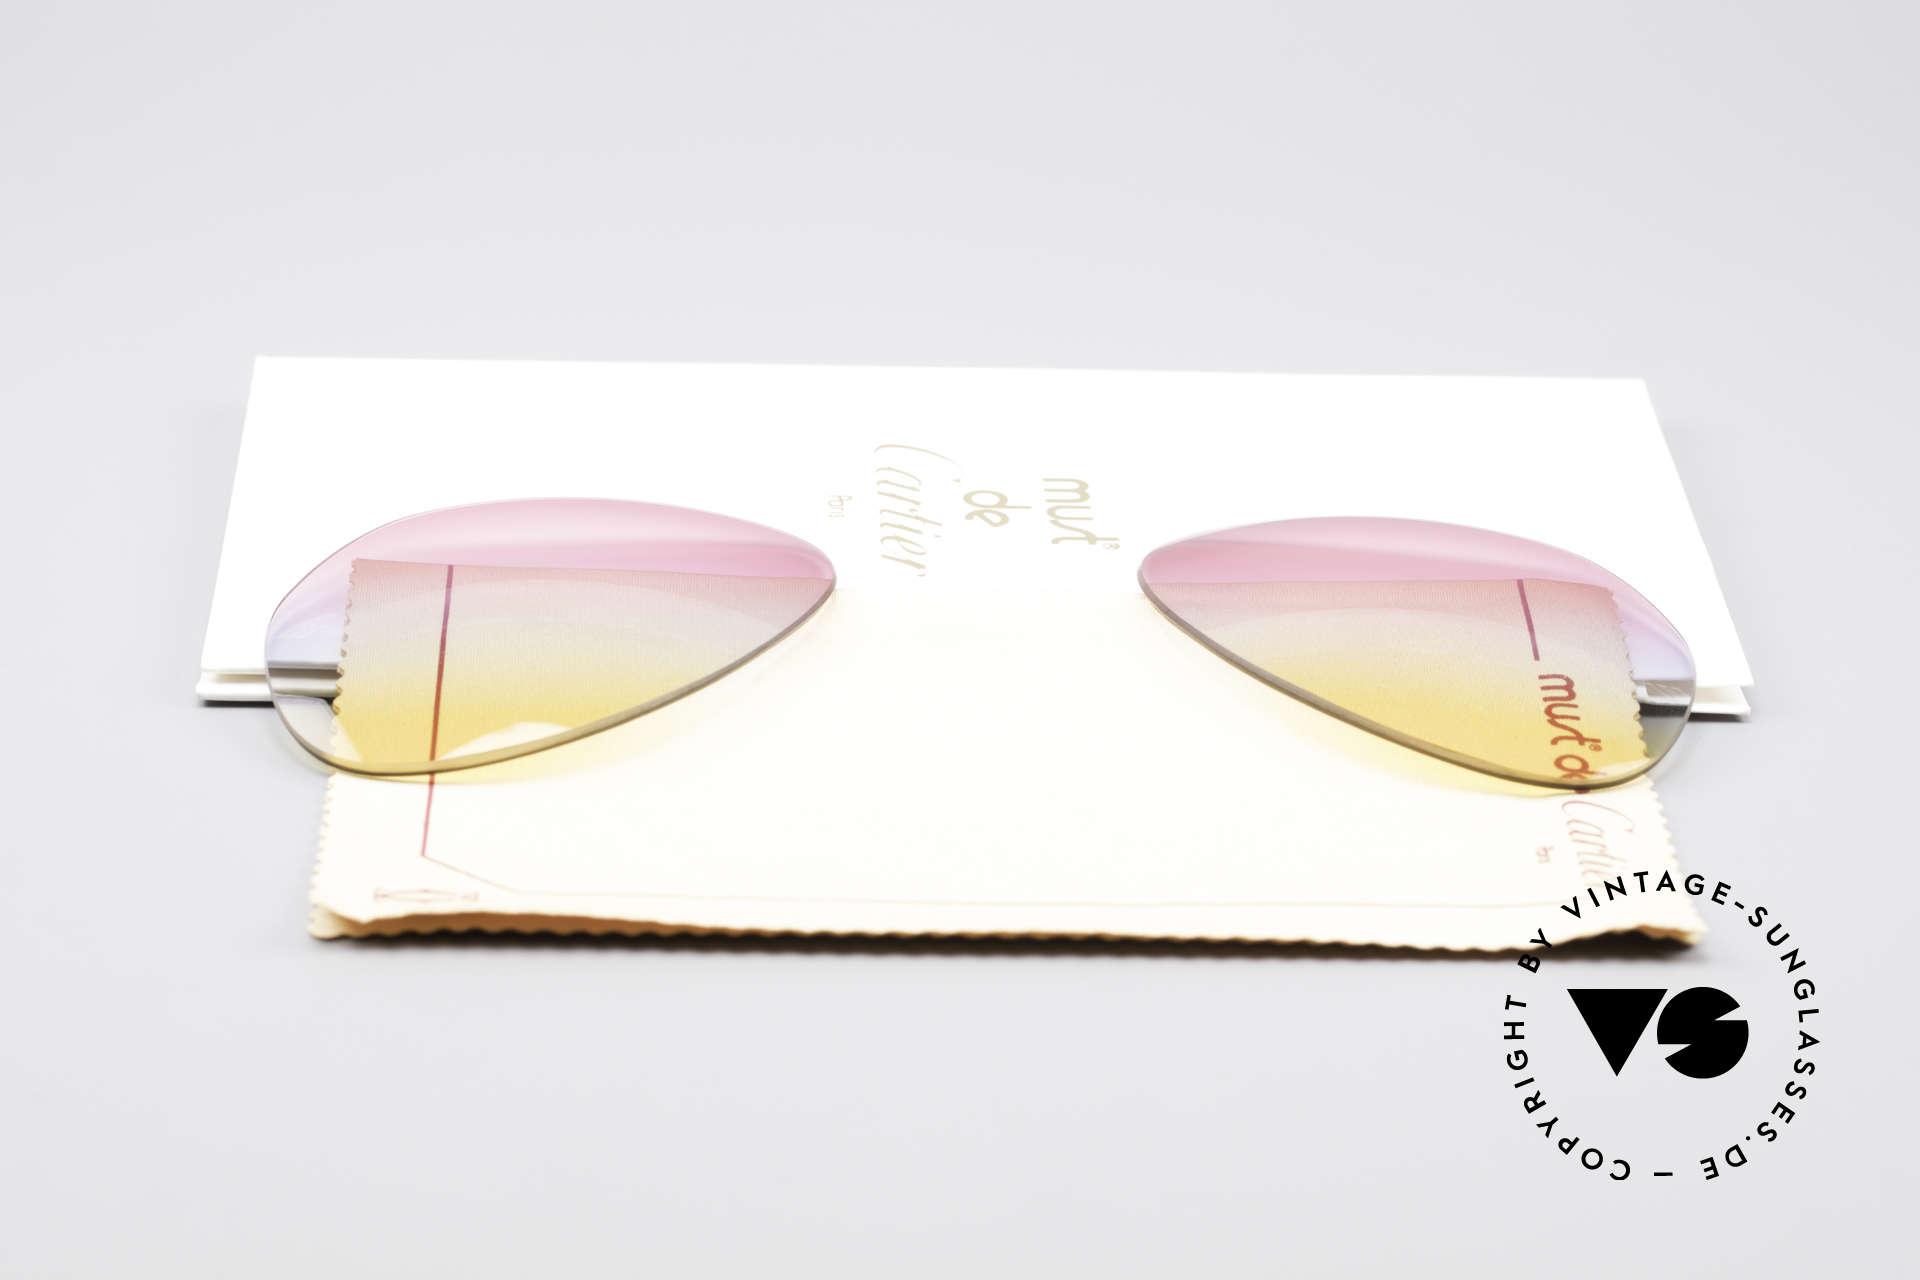 Cartier Vendome Lenses - L Tricolored Sunrise Gläser, von unserem Optiker gefertigt: daher neu & kratzerfrei, Passend für Herren und Damen